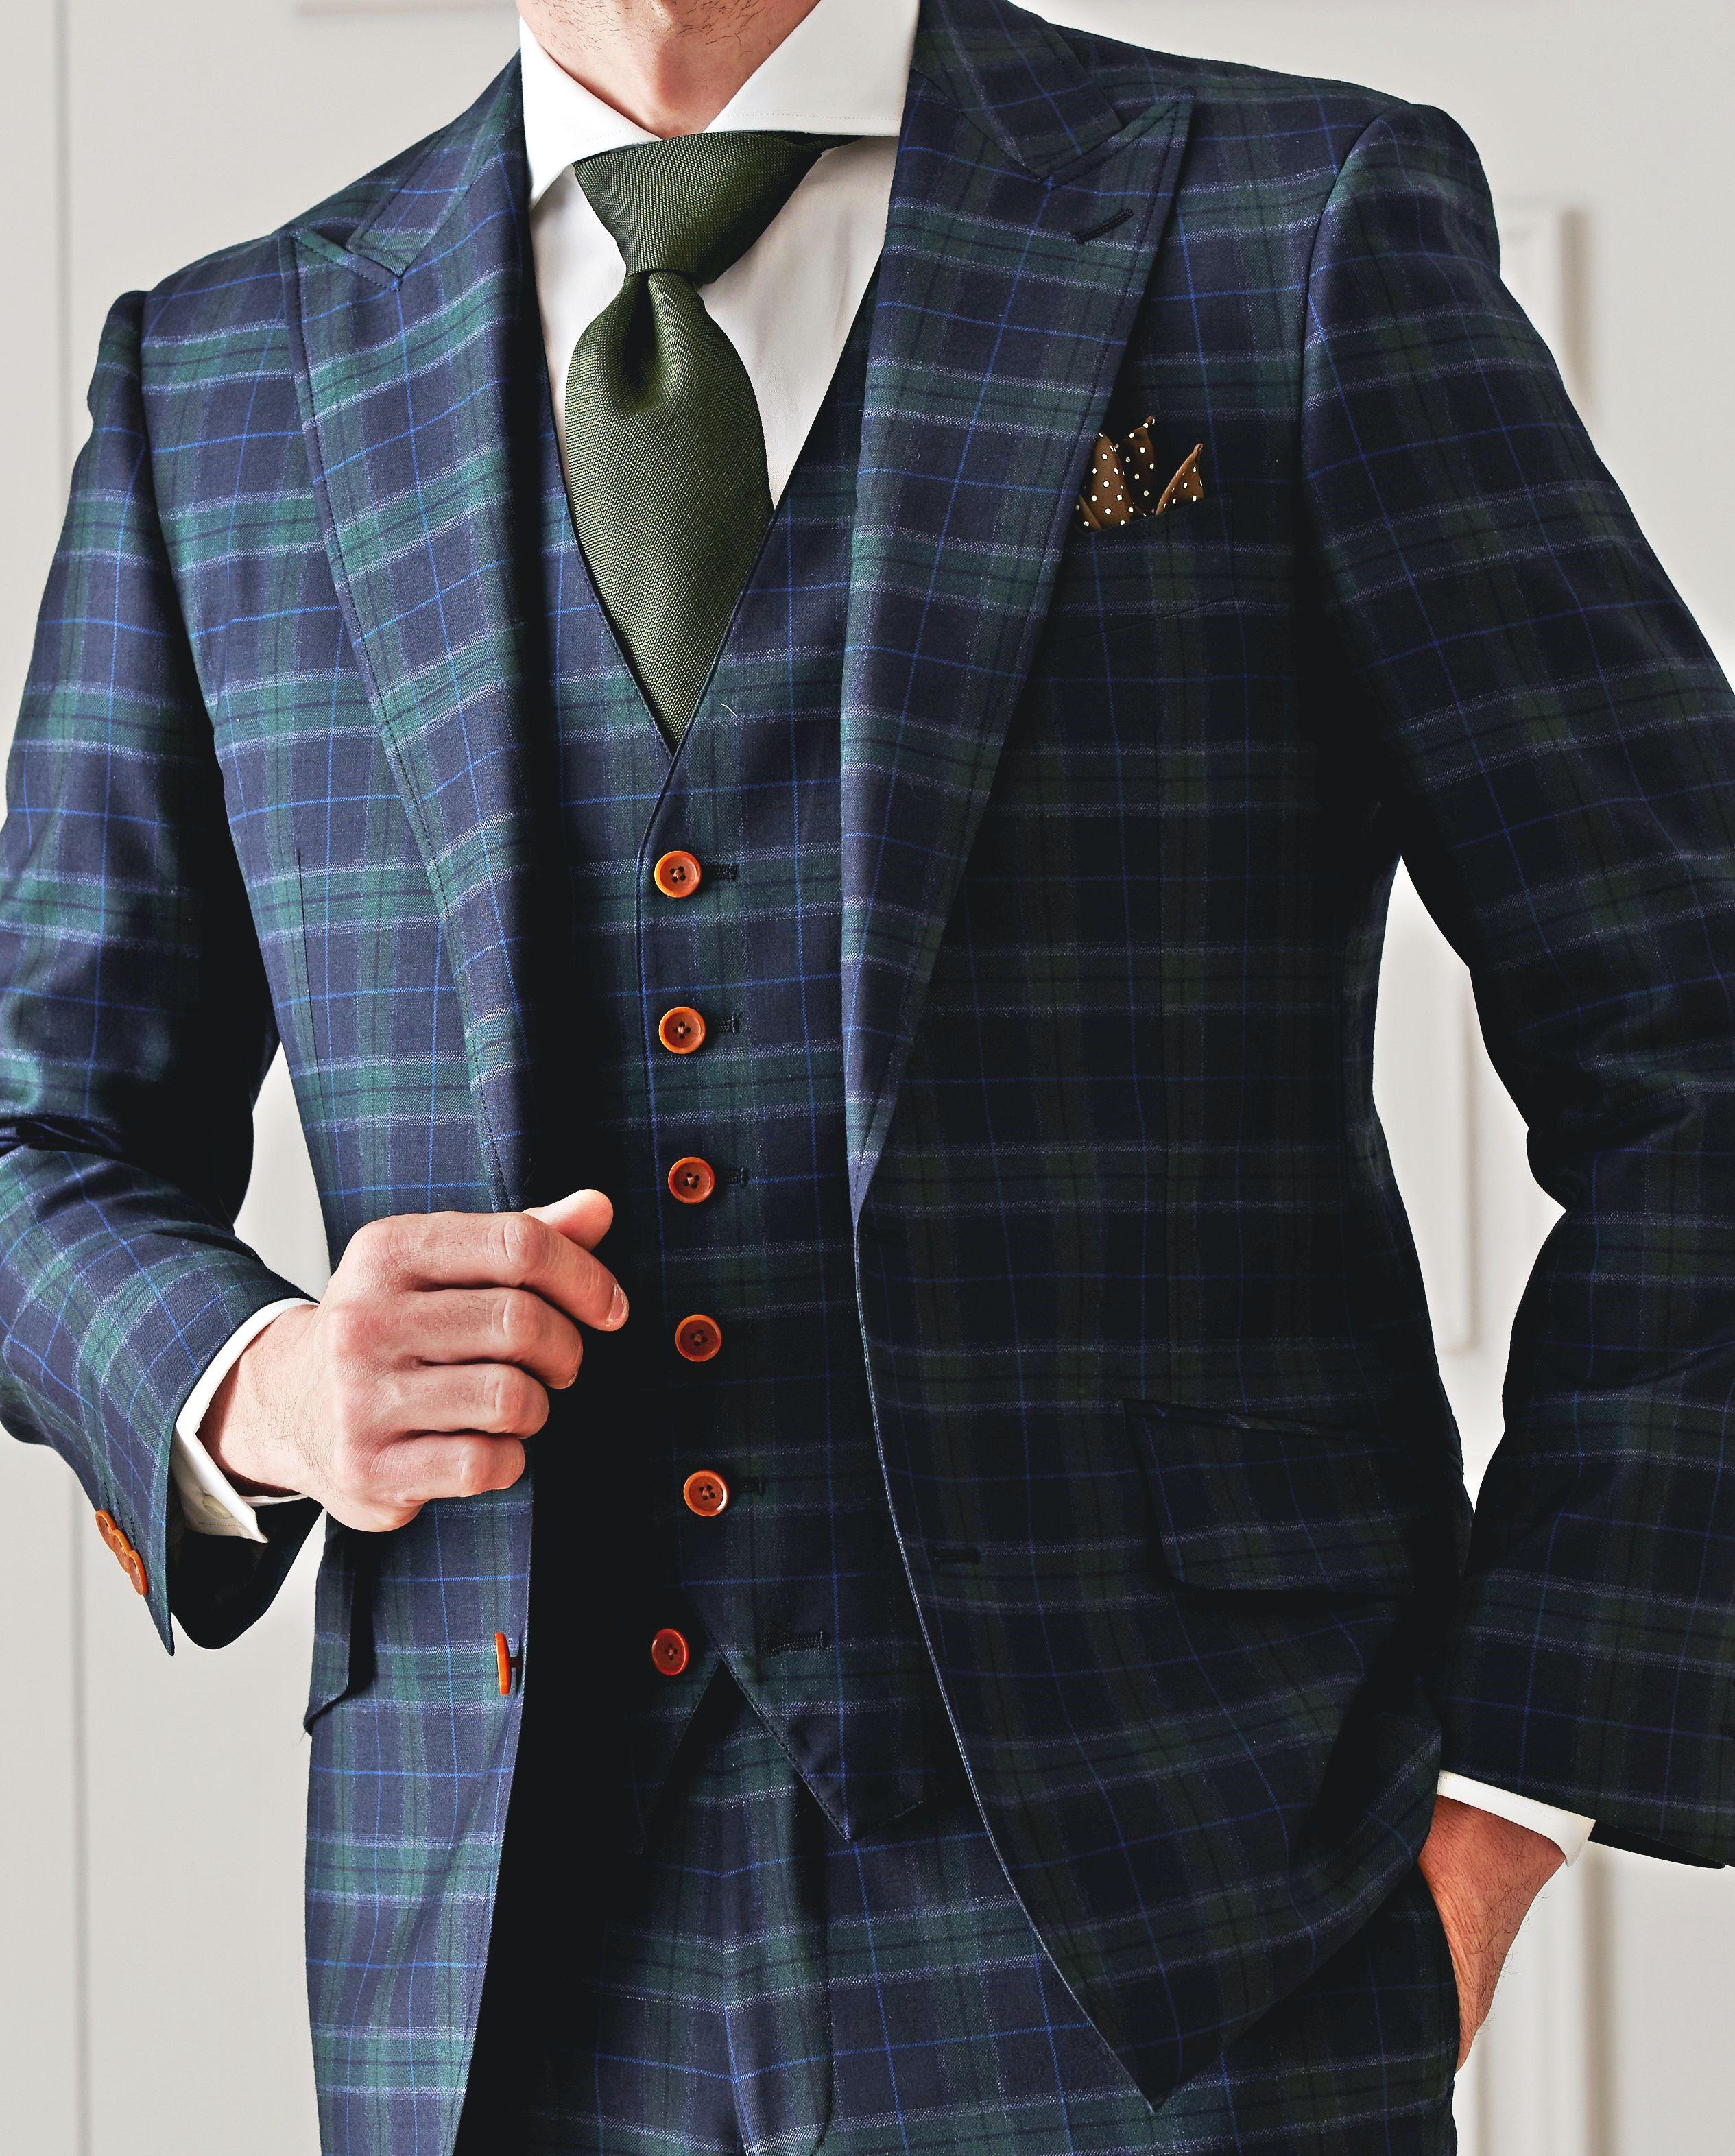 """カジュアルな""""チェック柄""""のスーツ。英国紳士風な装いがポイント。ボタンの色味にもこだわりたい。スーツ生地:イートーマス #fashion #ファッション #suit #スーツ #グローバルスタイル #globalstyle #オーダースーツ"""